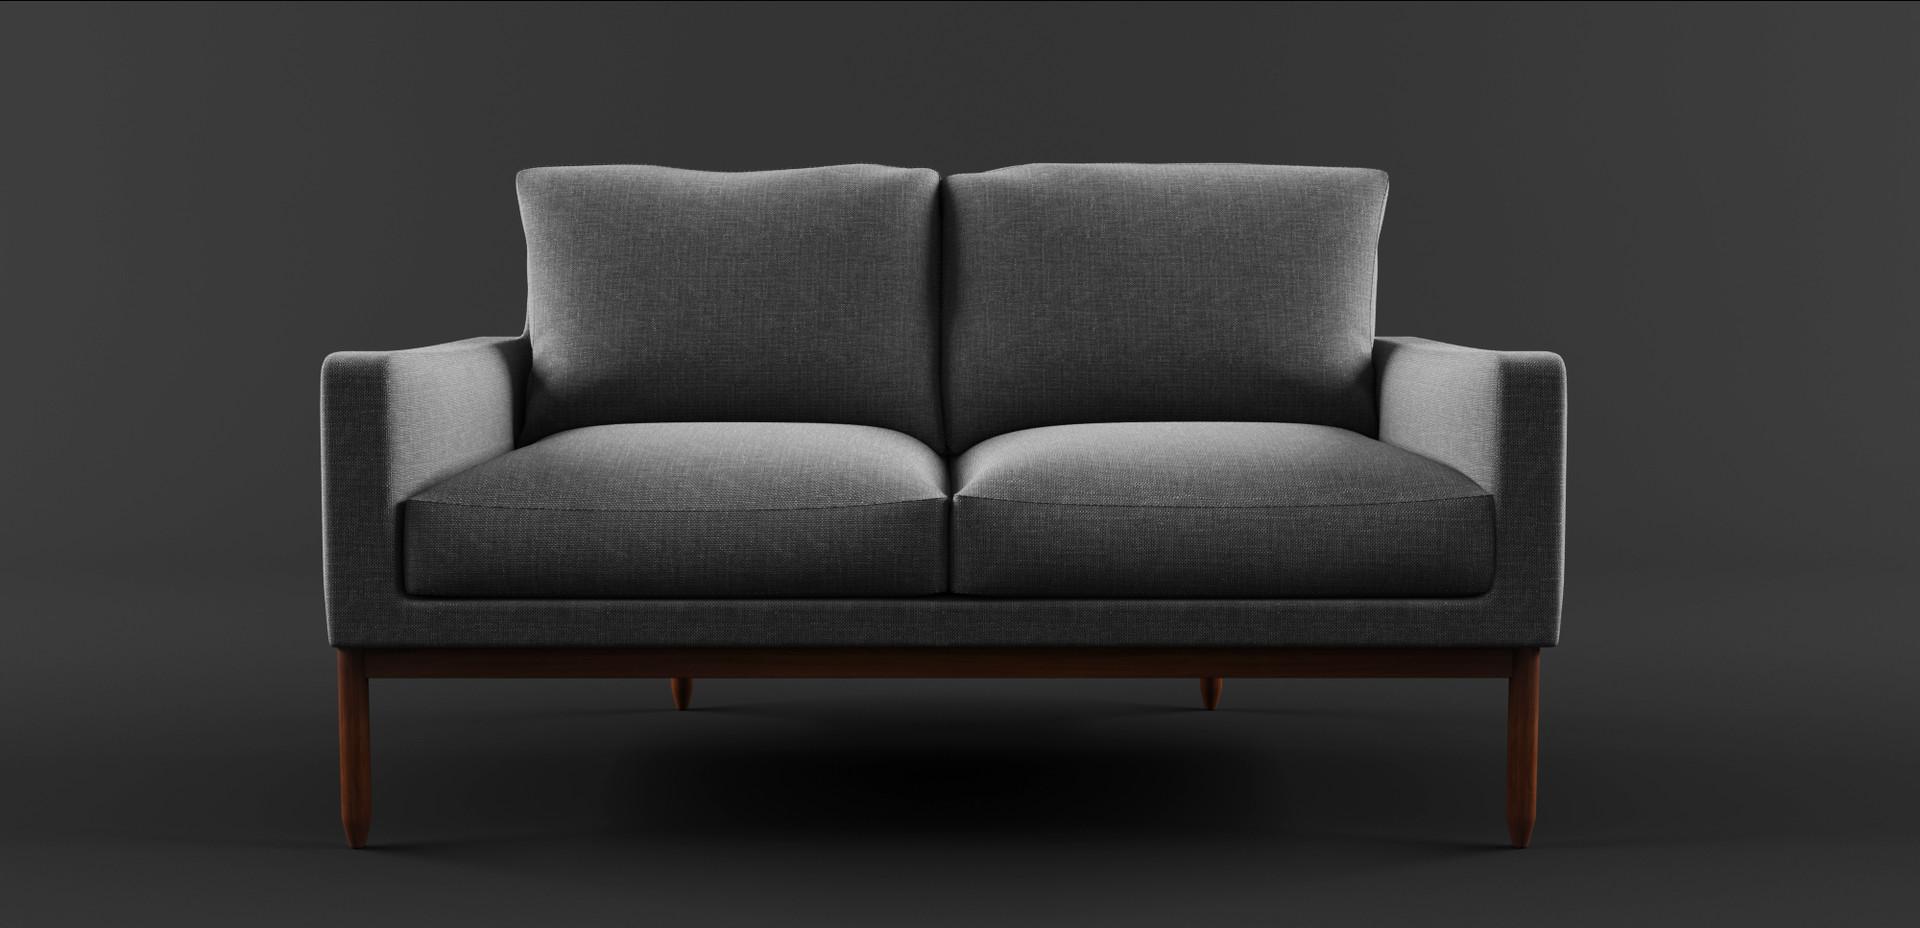 Pawel oleskow wizualizacja produktu sofa opole